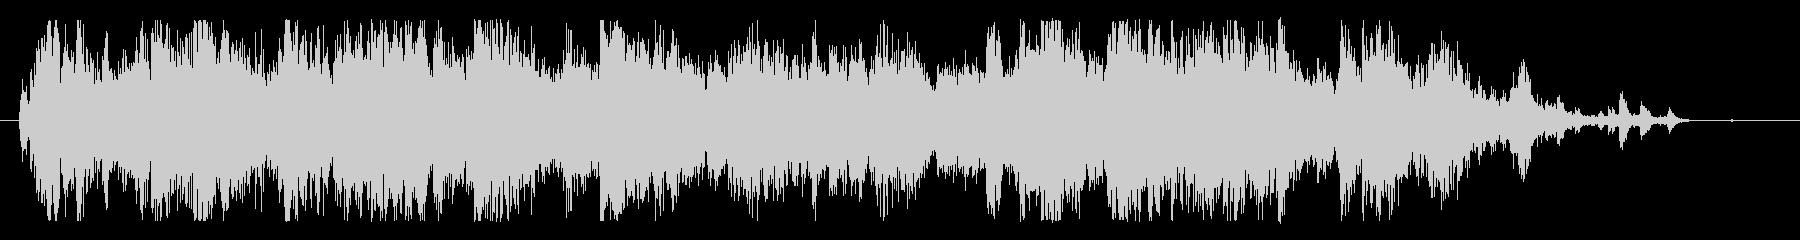 メタル 大音量01の未再生の波形